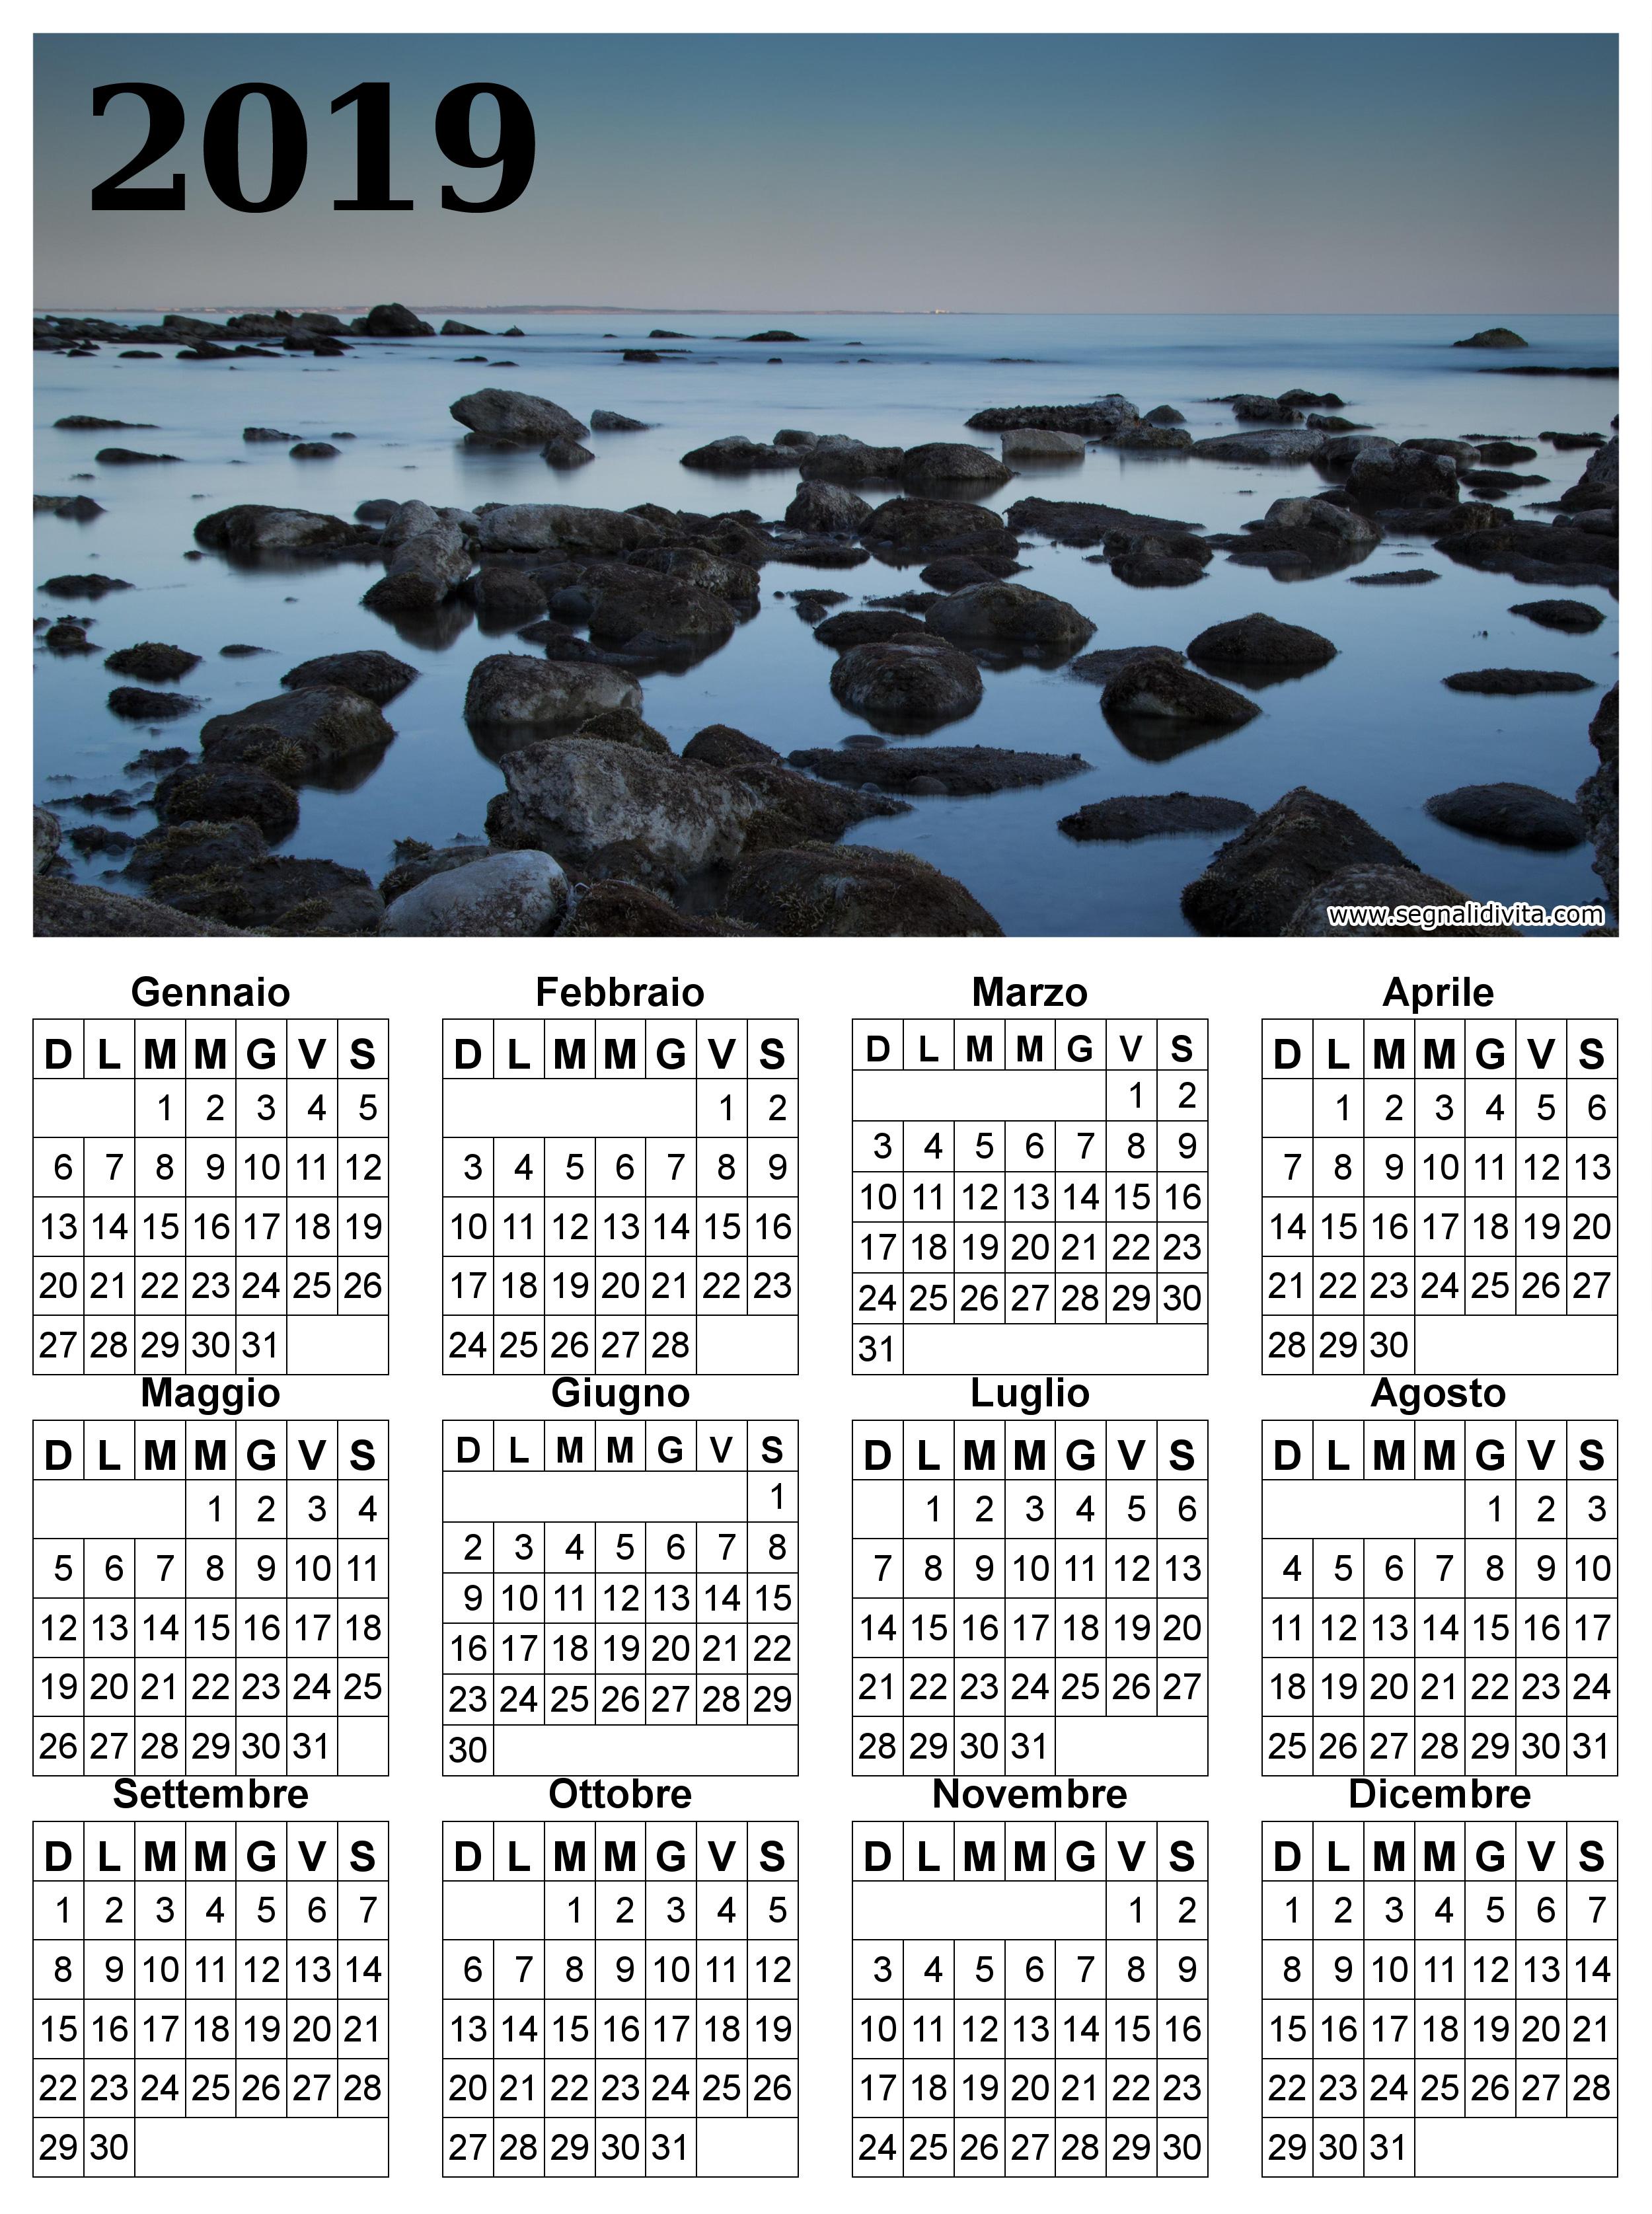 Calendario in riva al mare del 2019